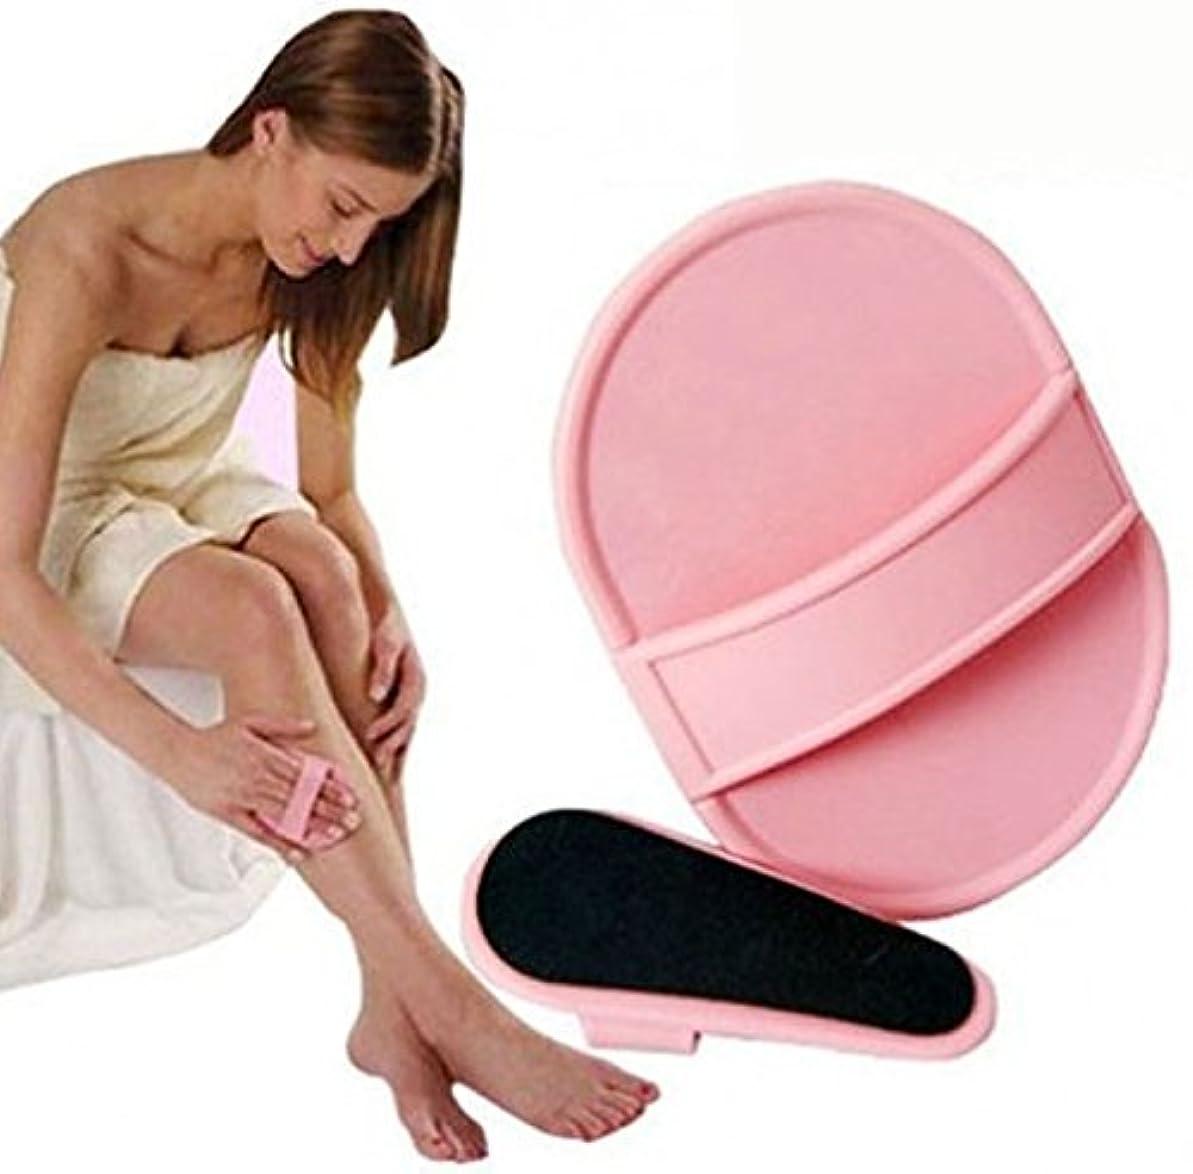 寝室説教する背骨MNoel 痛くない ムダ毛脱毛パッド 顔?腕?脚 全身に使える ムダ毛専用パッド 2つのサイズのパッドを使い分けて、全身のお手入れOK